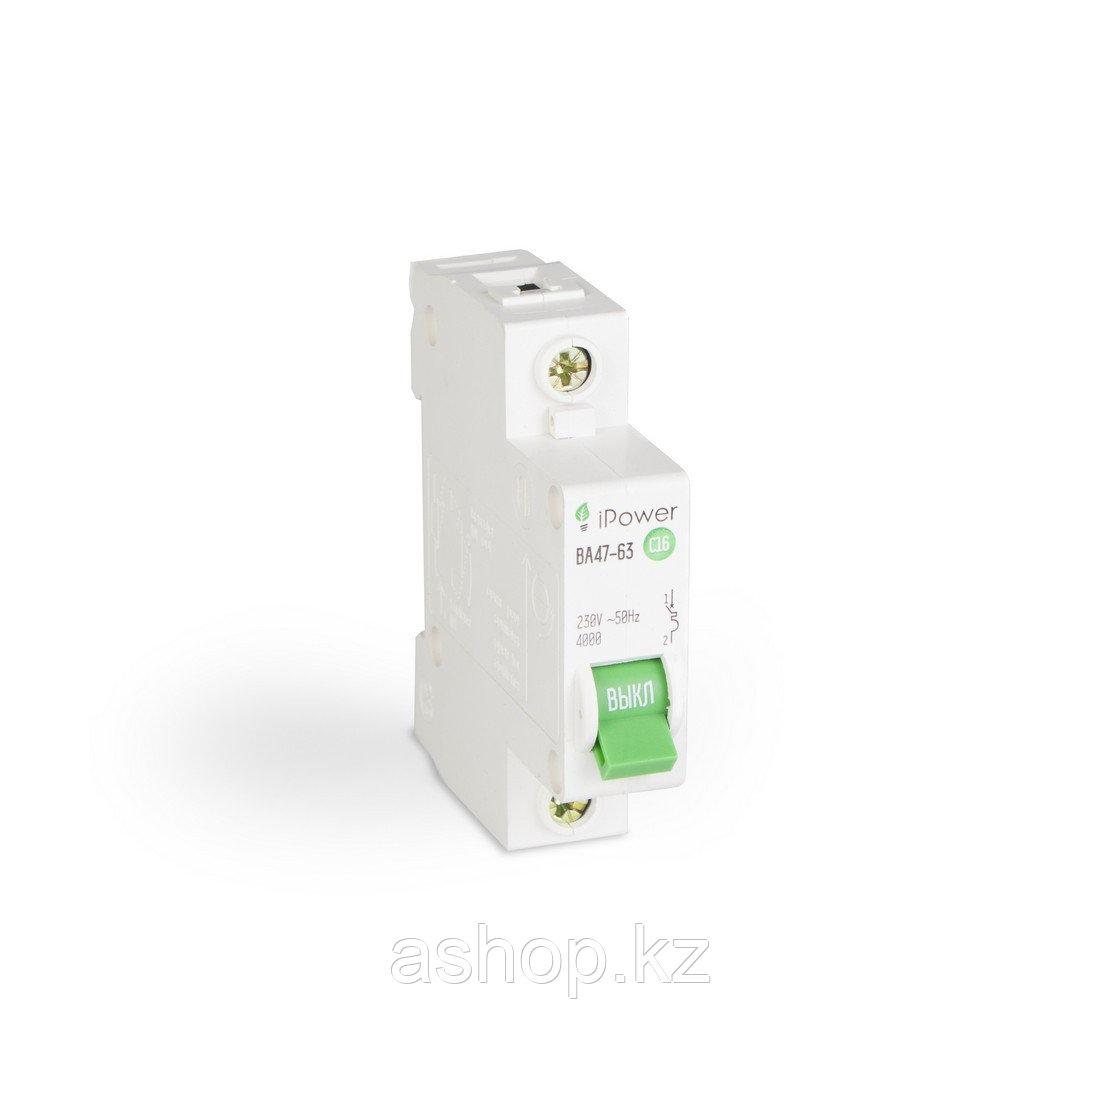 Автоматический выключатель реечный iPower ВА47-63 1P 6А, 230/400 В, Кол-во полюсов: 1, Предел отключения: 4,5